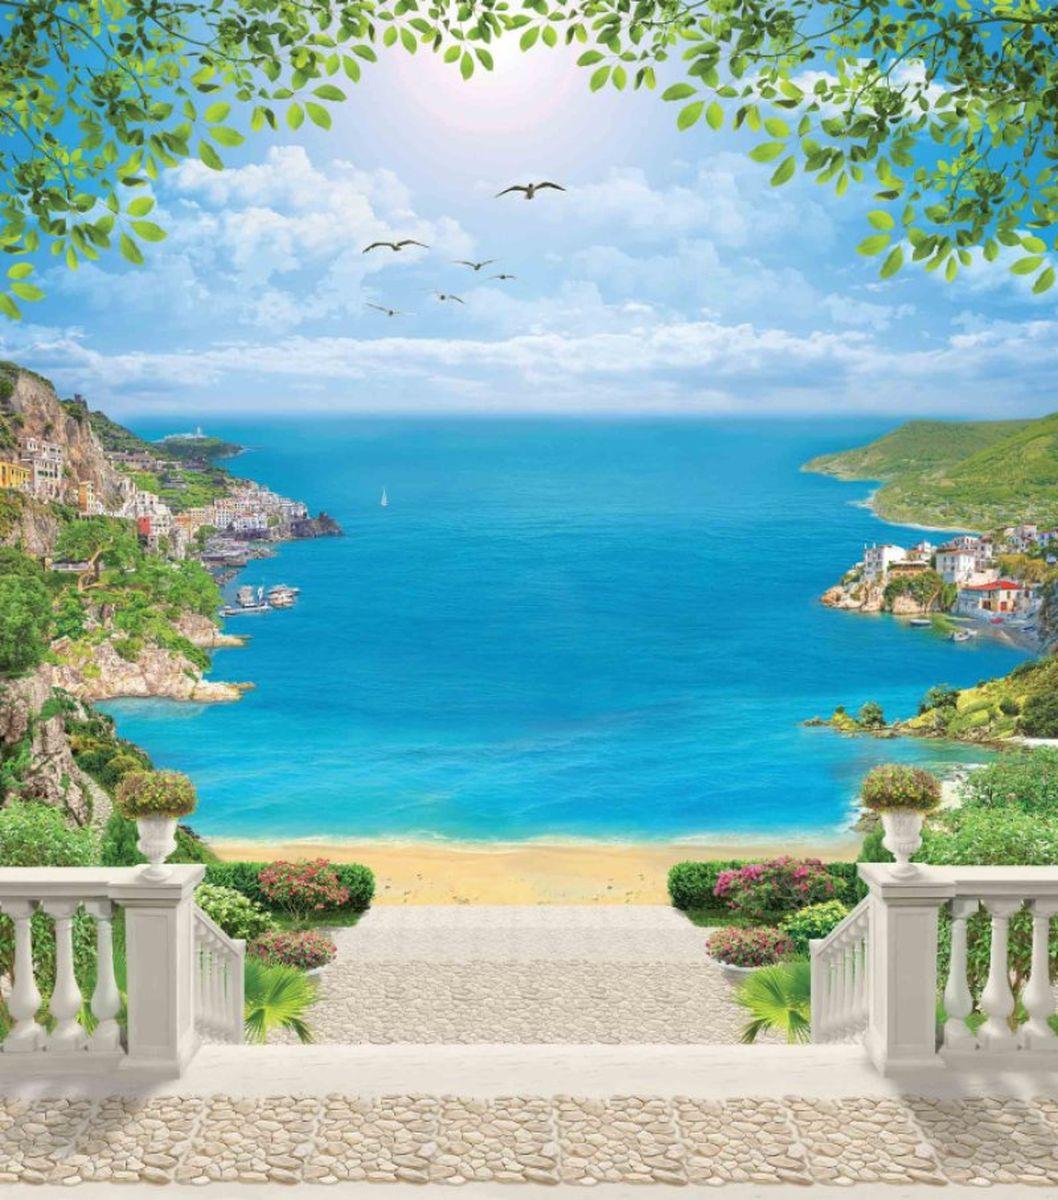 Панно декоративное Твоя Планета Лазурный берег, 210 х 238 см панно декоративное твоя планета кино 210 х 147 см